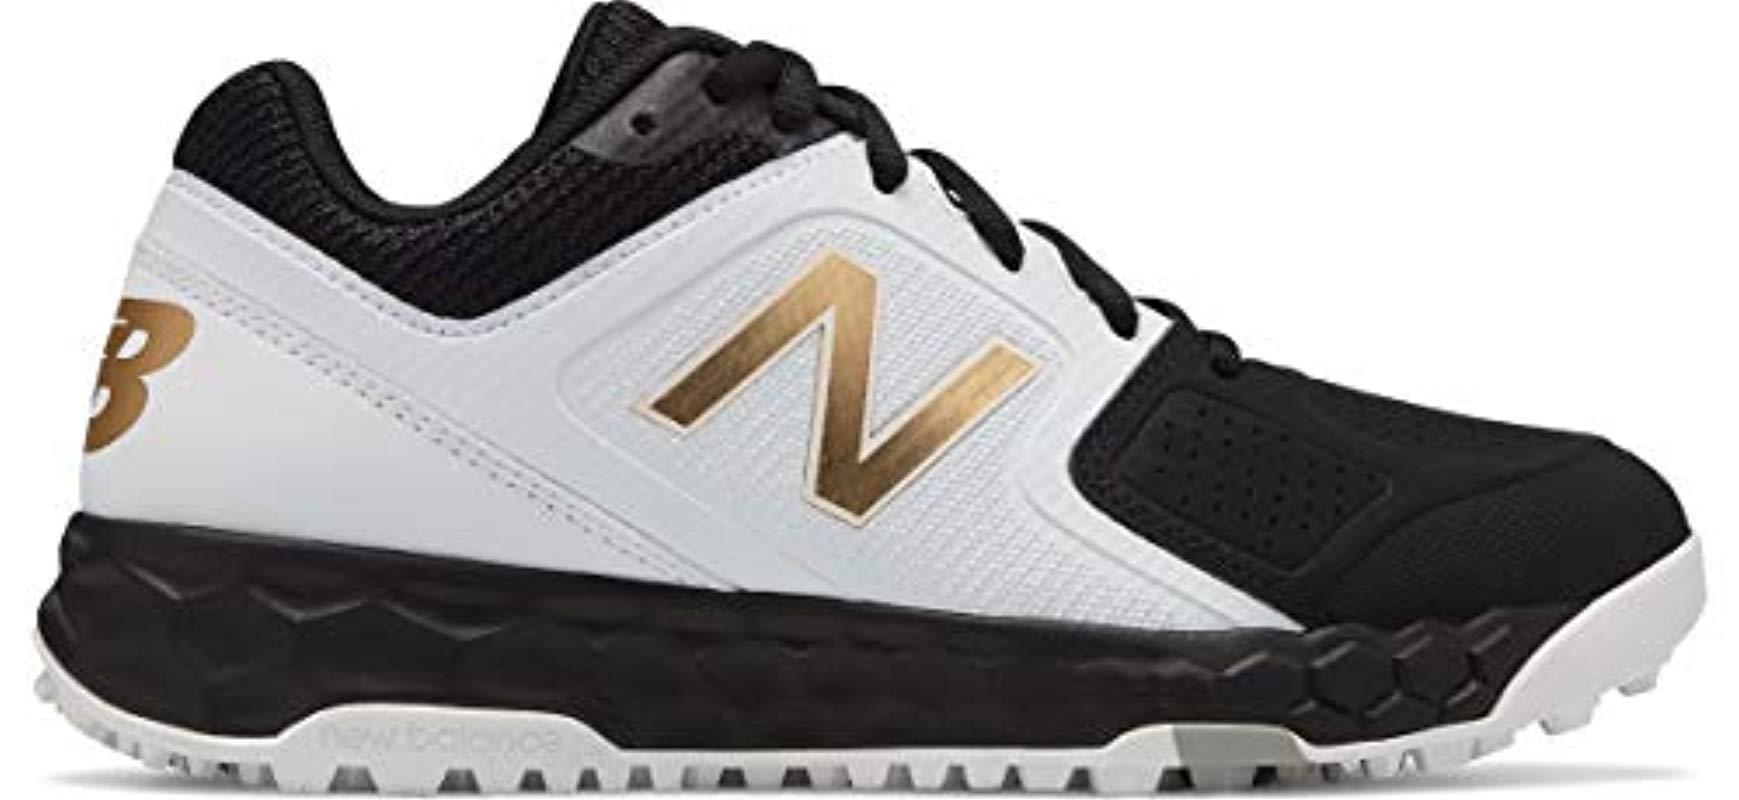 7be482652 Lyst - New Balance Velo V1 Turf Softball Shoe Black white 6 D Us in ...